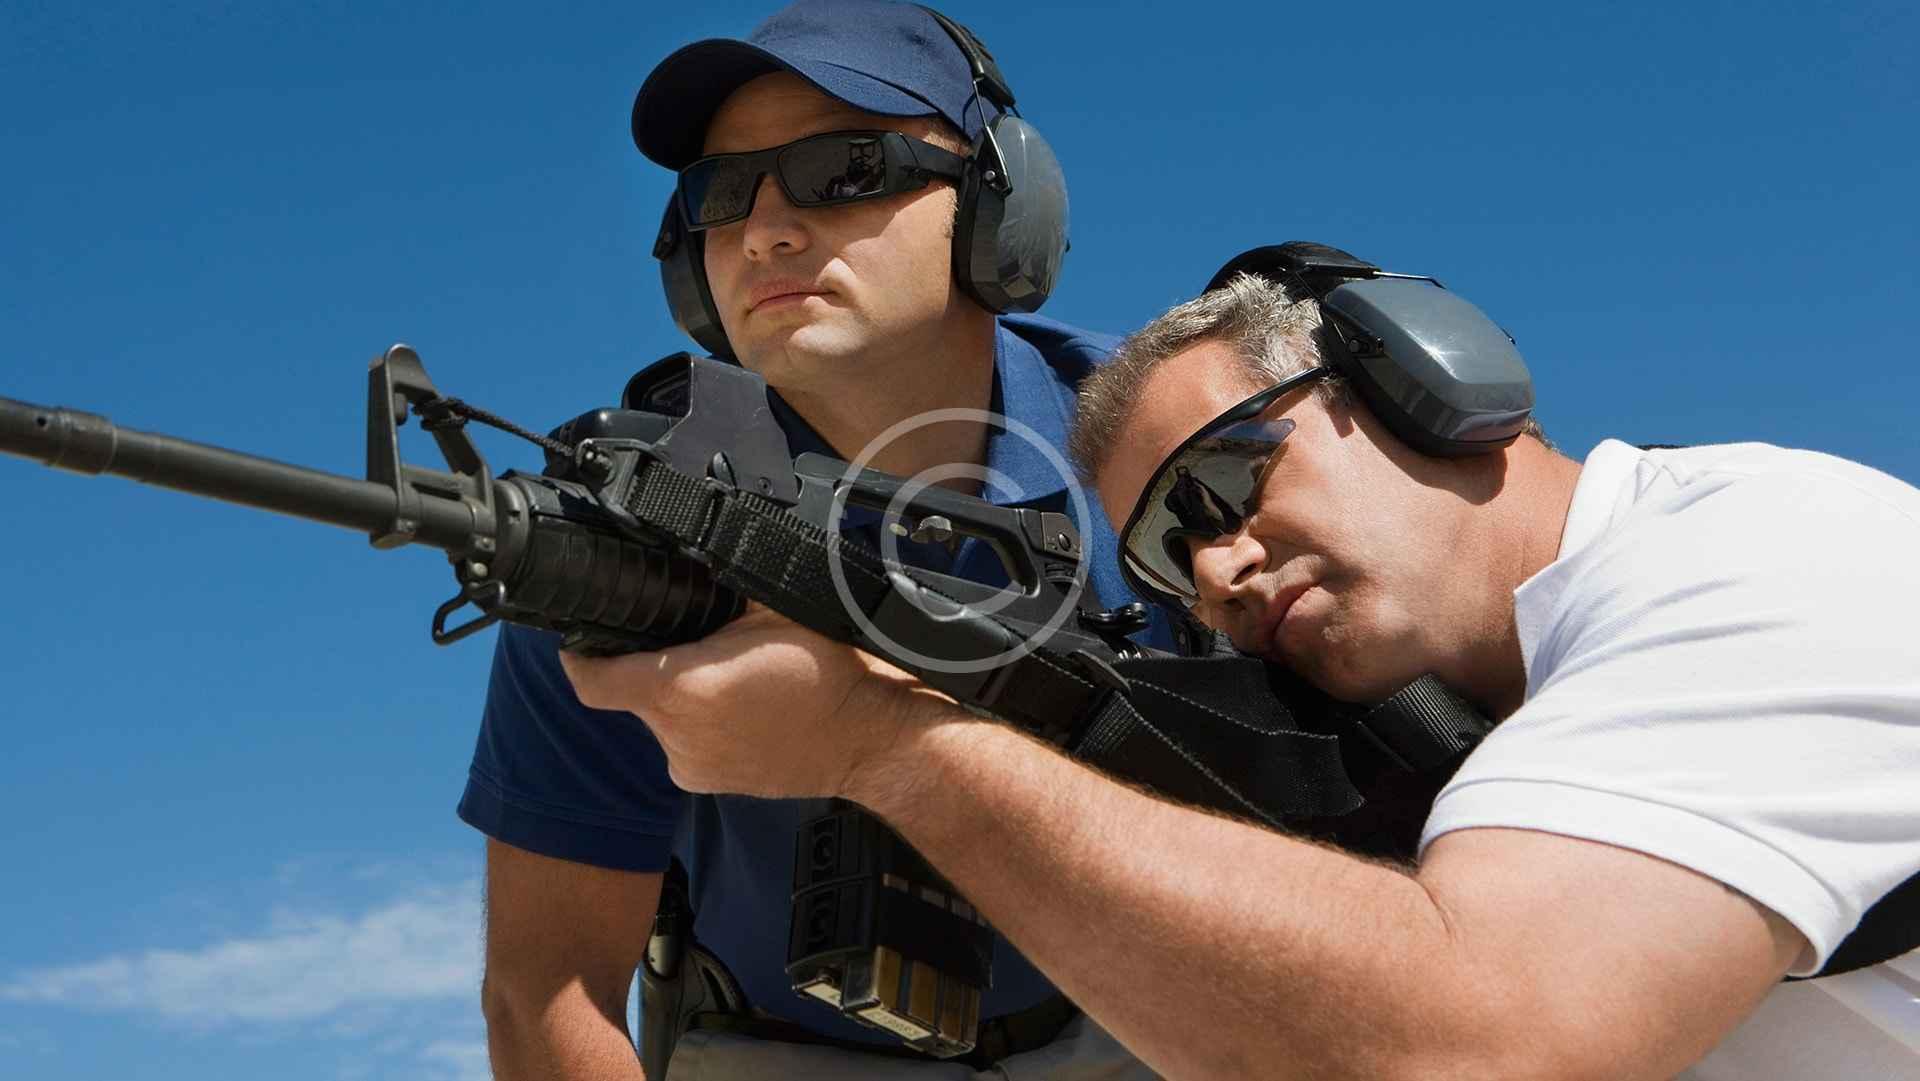 Basic Rifle